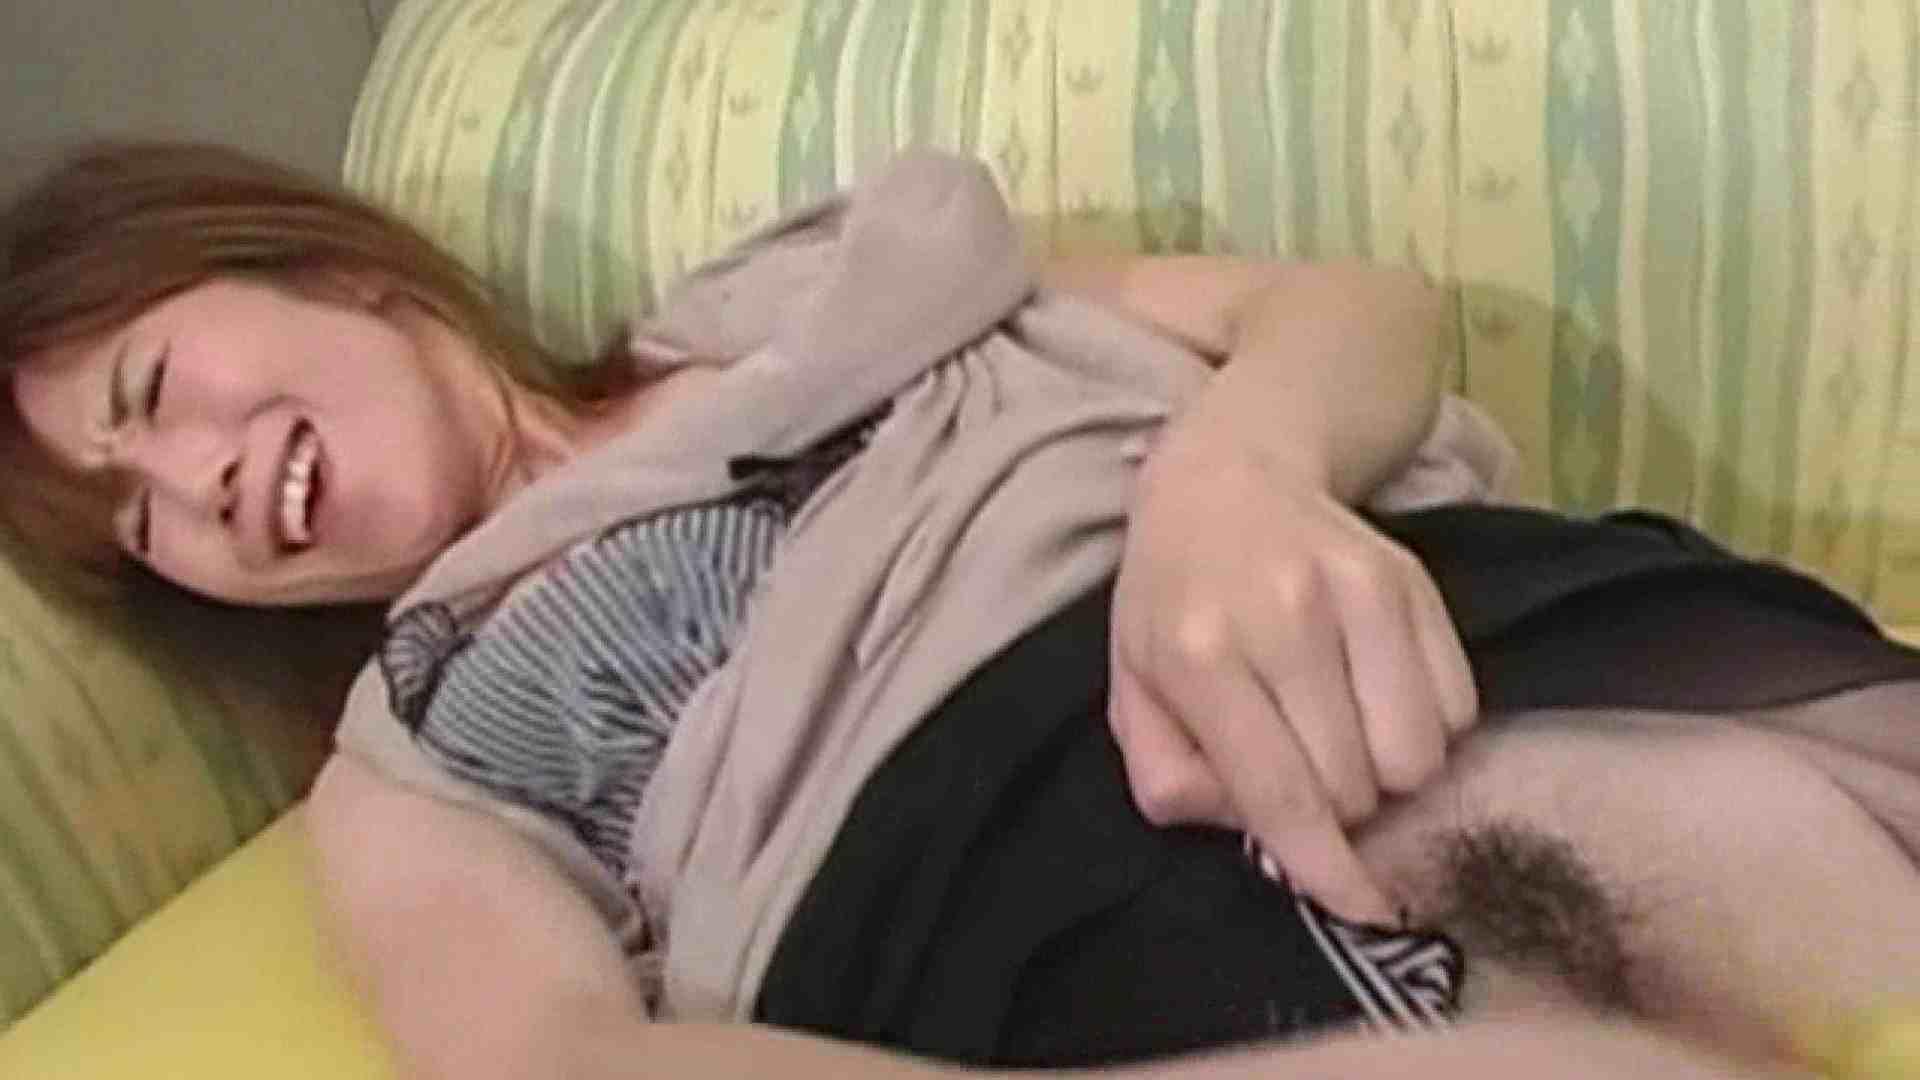 美女だらけのプライベートSEXvol.9前編 プライベート オマンコ無修正動画無料 85枚 84